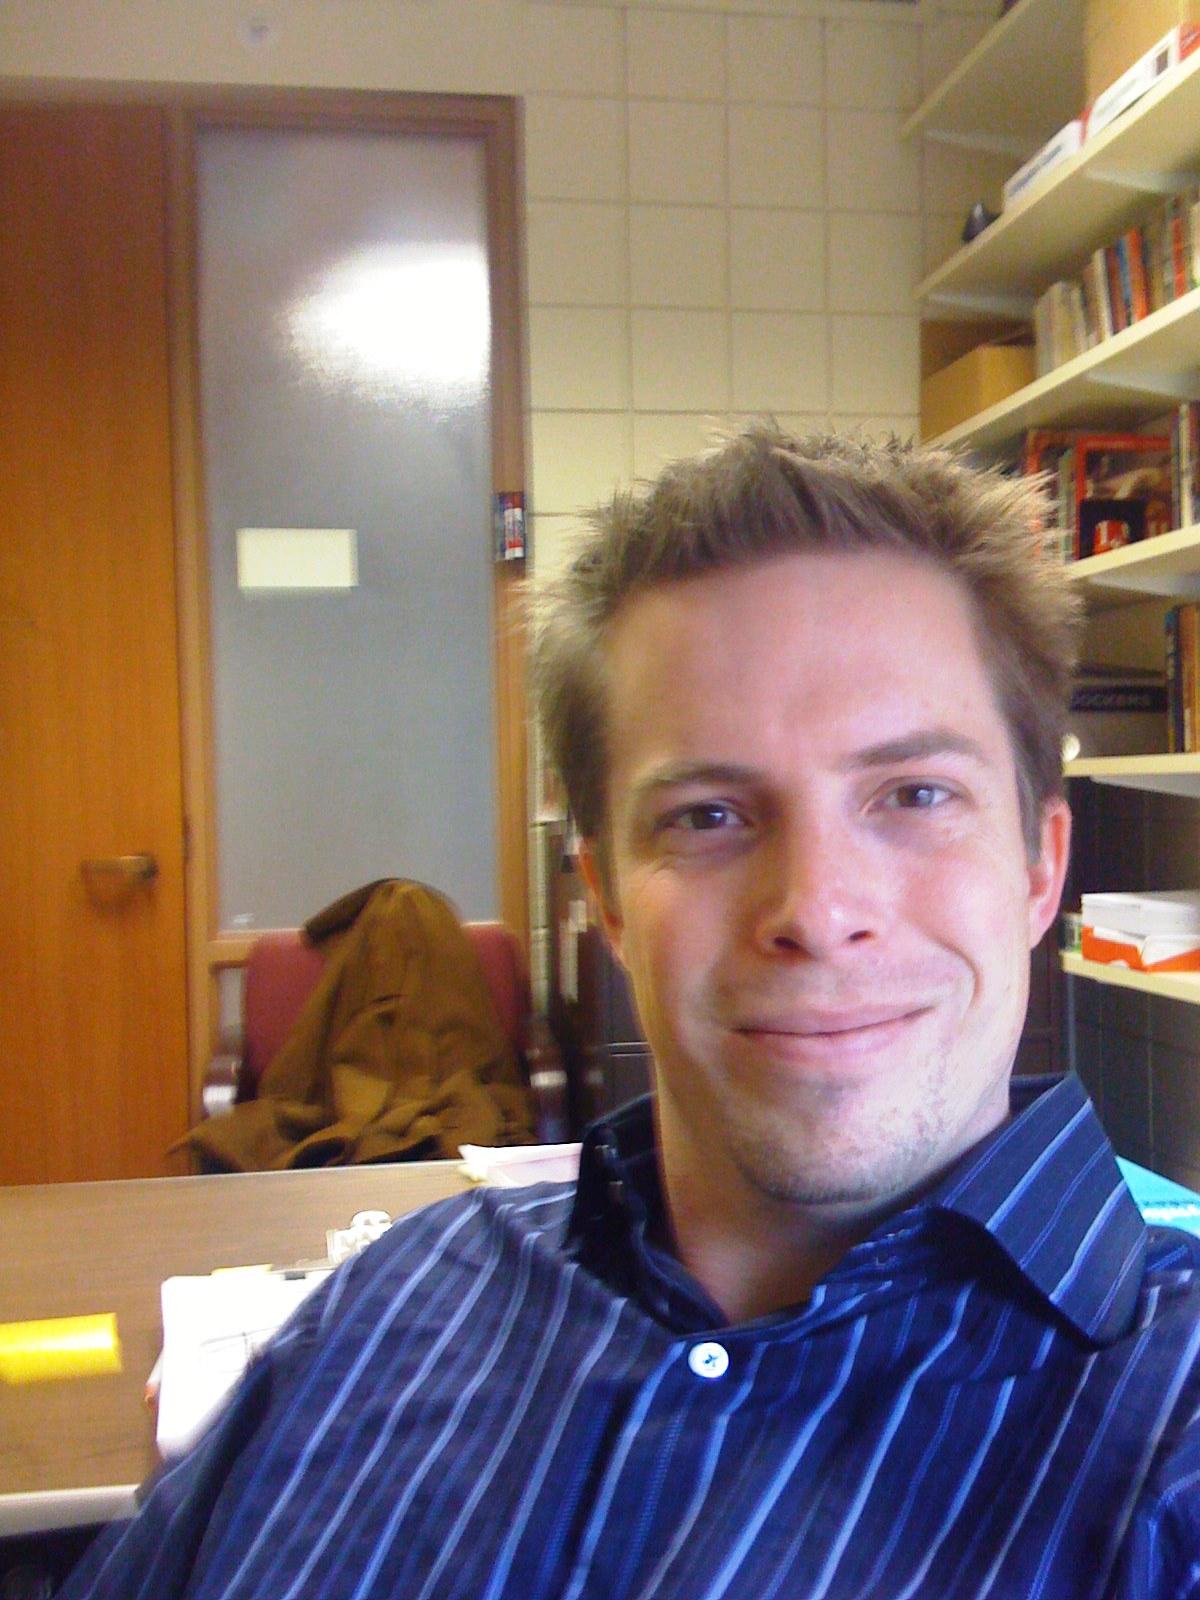 http://2.bp.blogspot.com/-AROYJidTDZQ/TzKa5wFC7TI/AAAAAAAABa0/IBqbabiQJ6s/s1600/michael-rosenbaum-background-1-719110.jpg